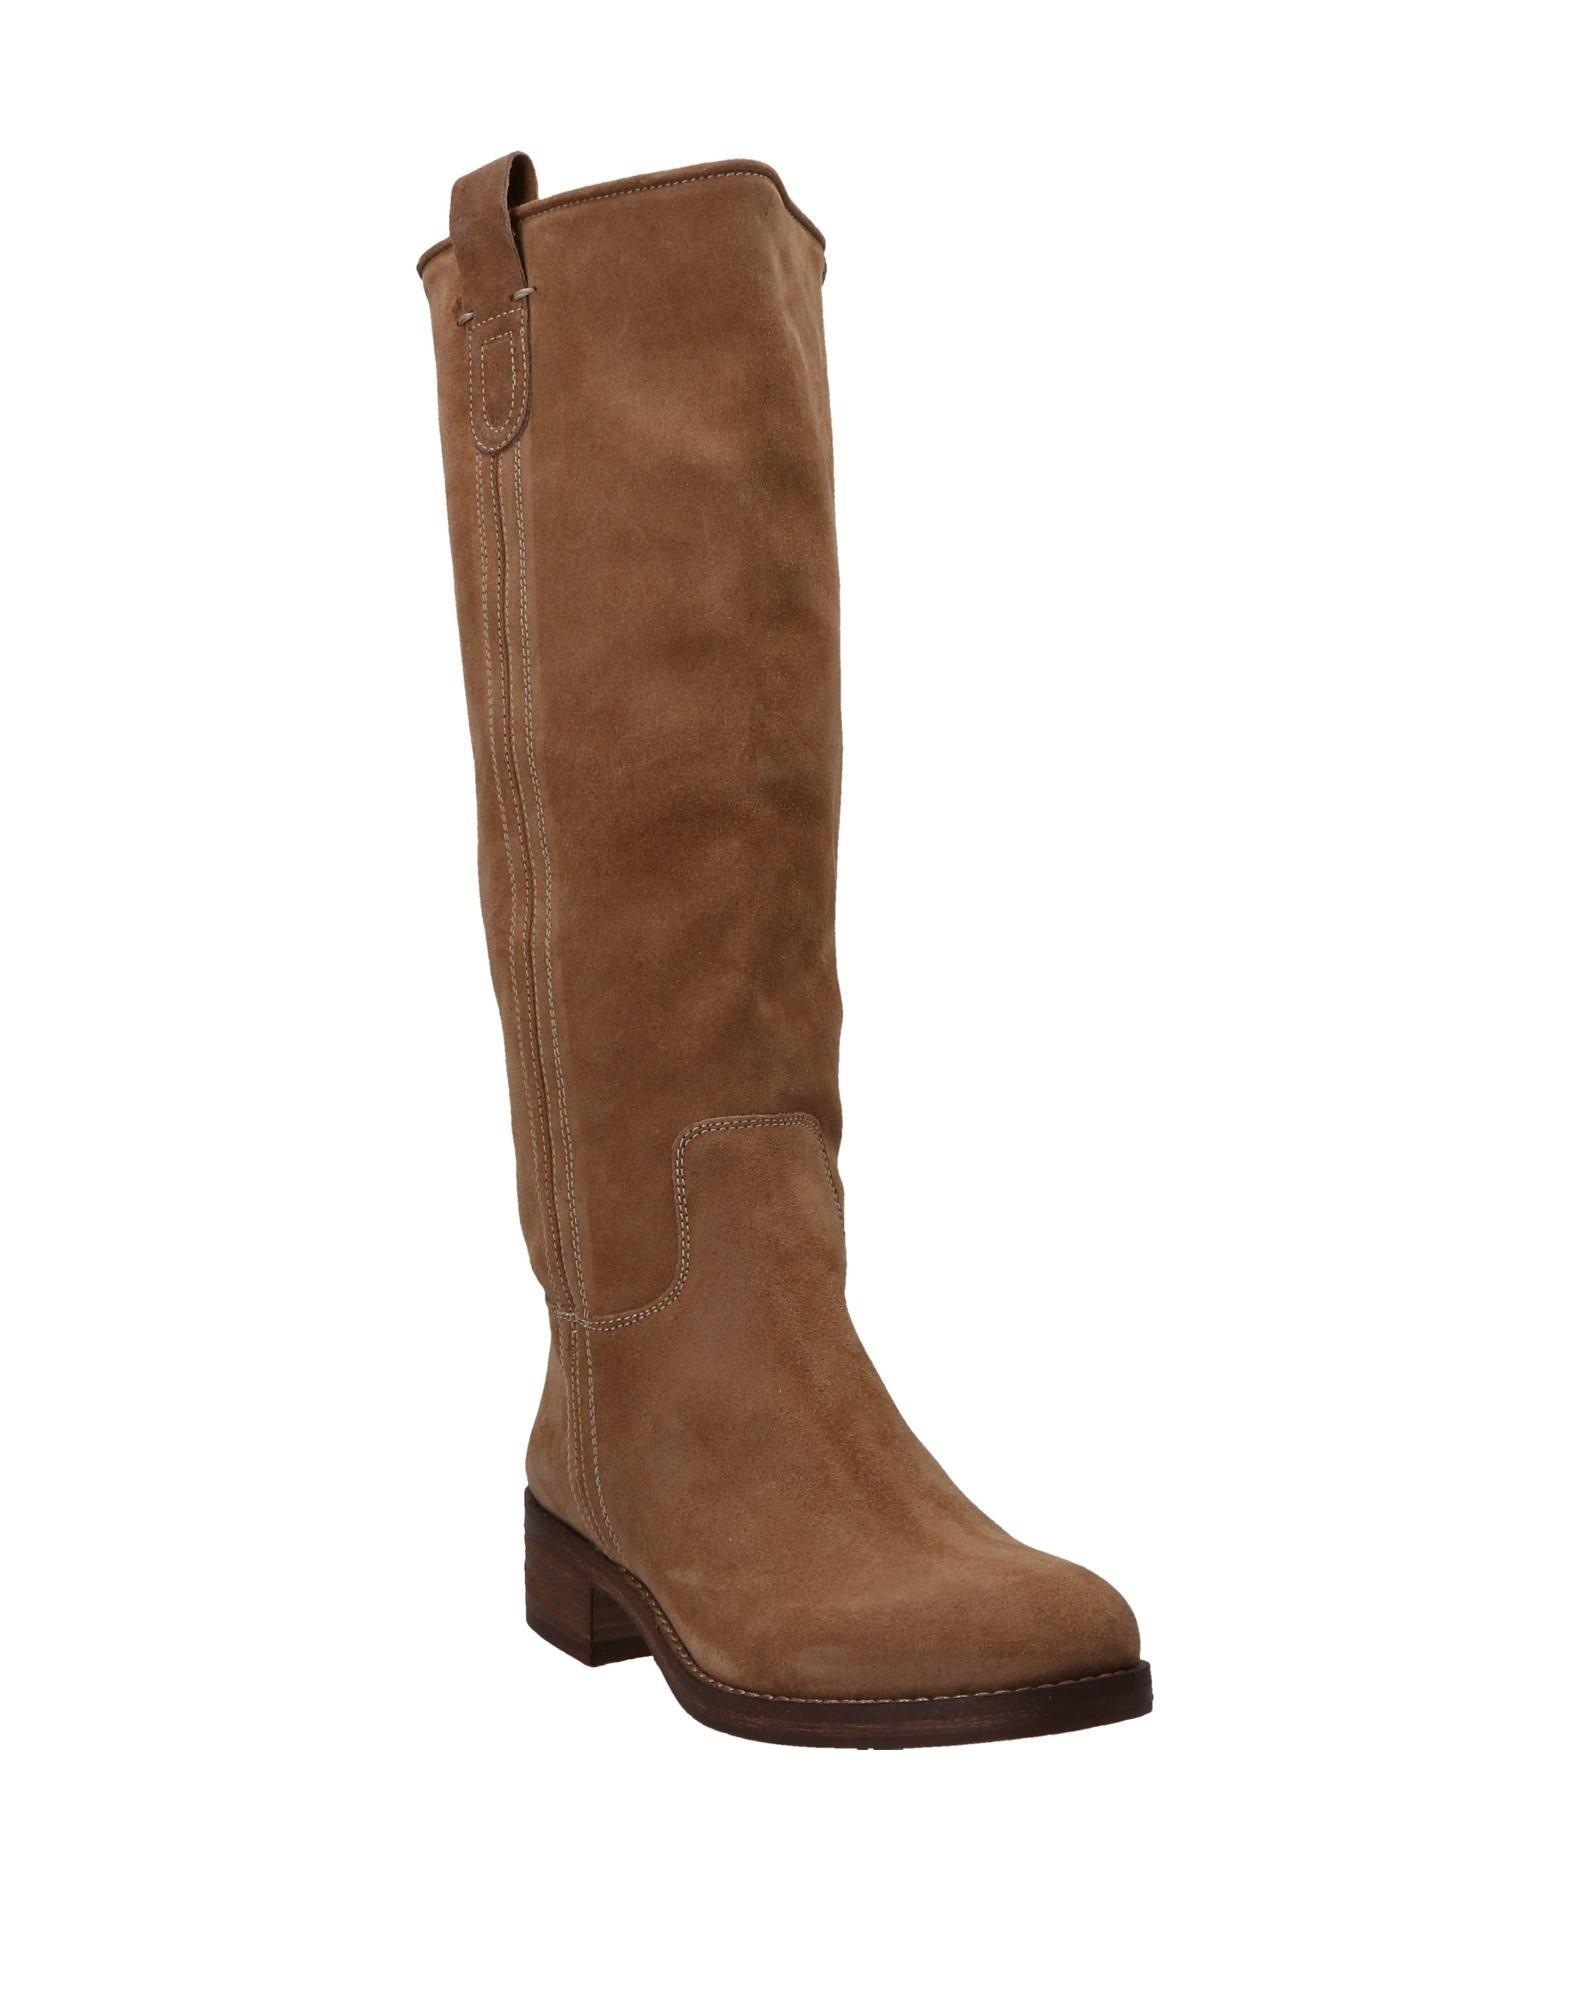 Billig-3427,El Campero Stiefel Damen sich Gutes Preis-Leistungs-Verhältnis, es lohnt sich Damen 712fd4